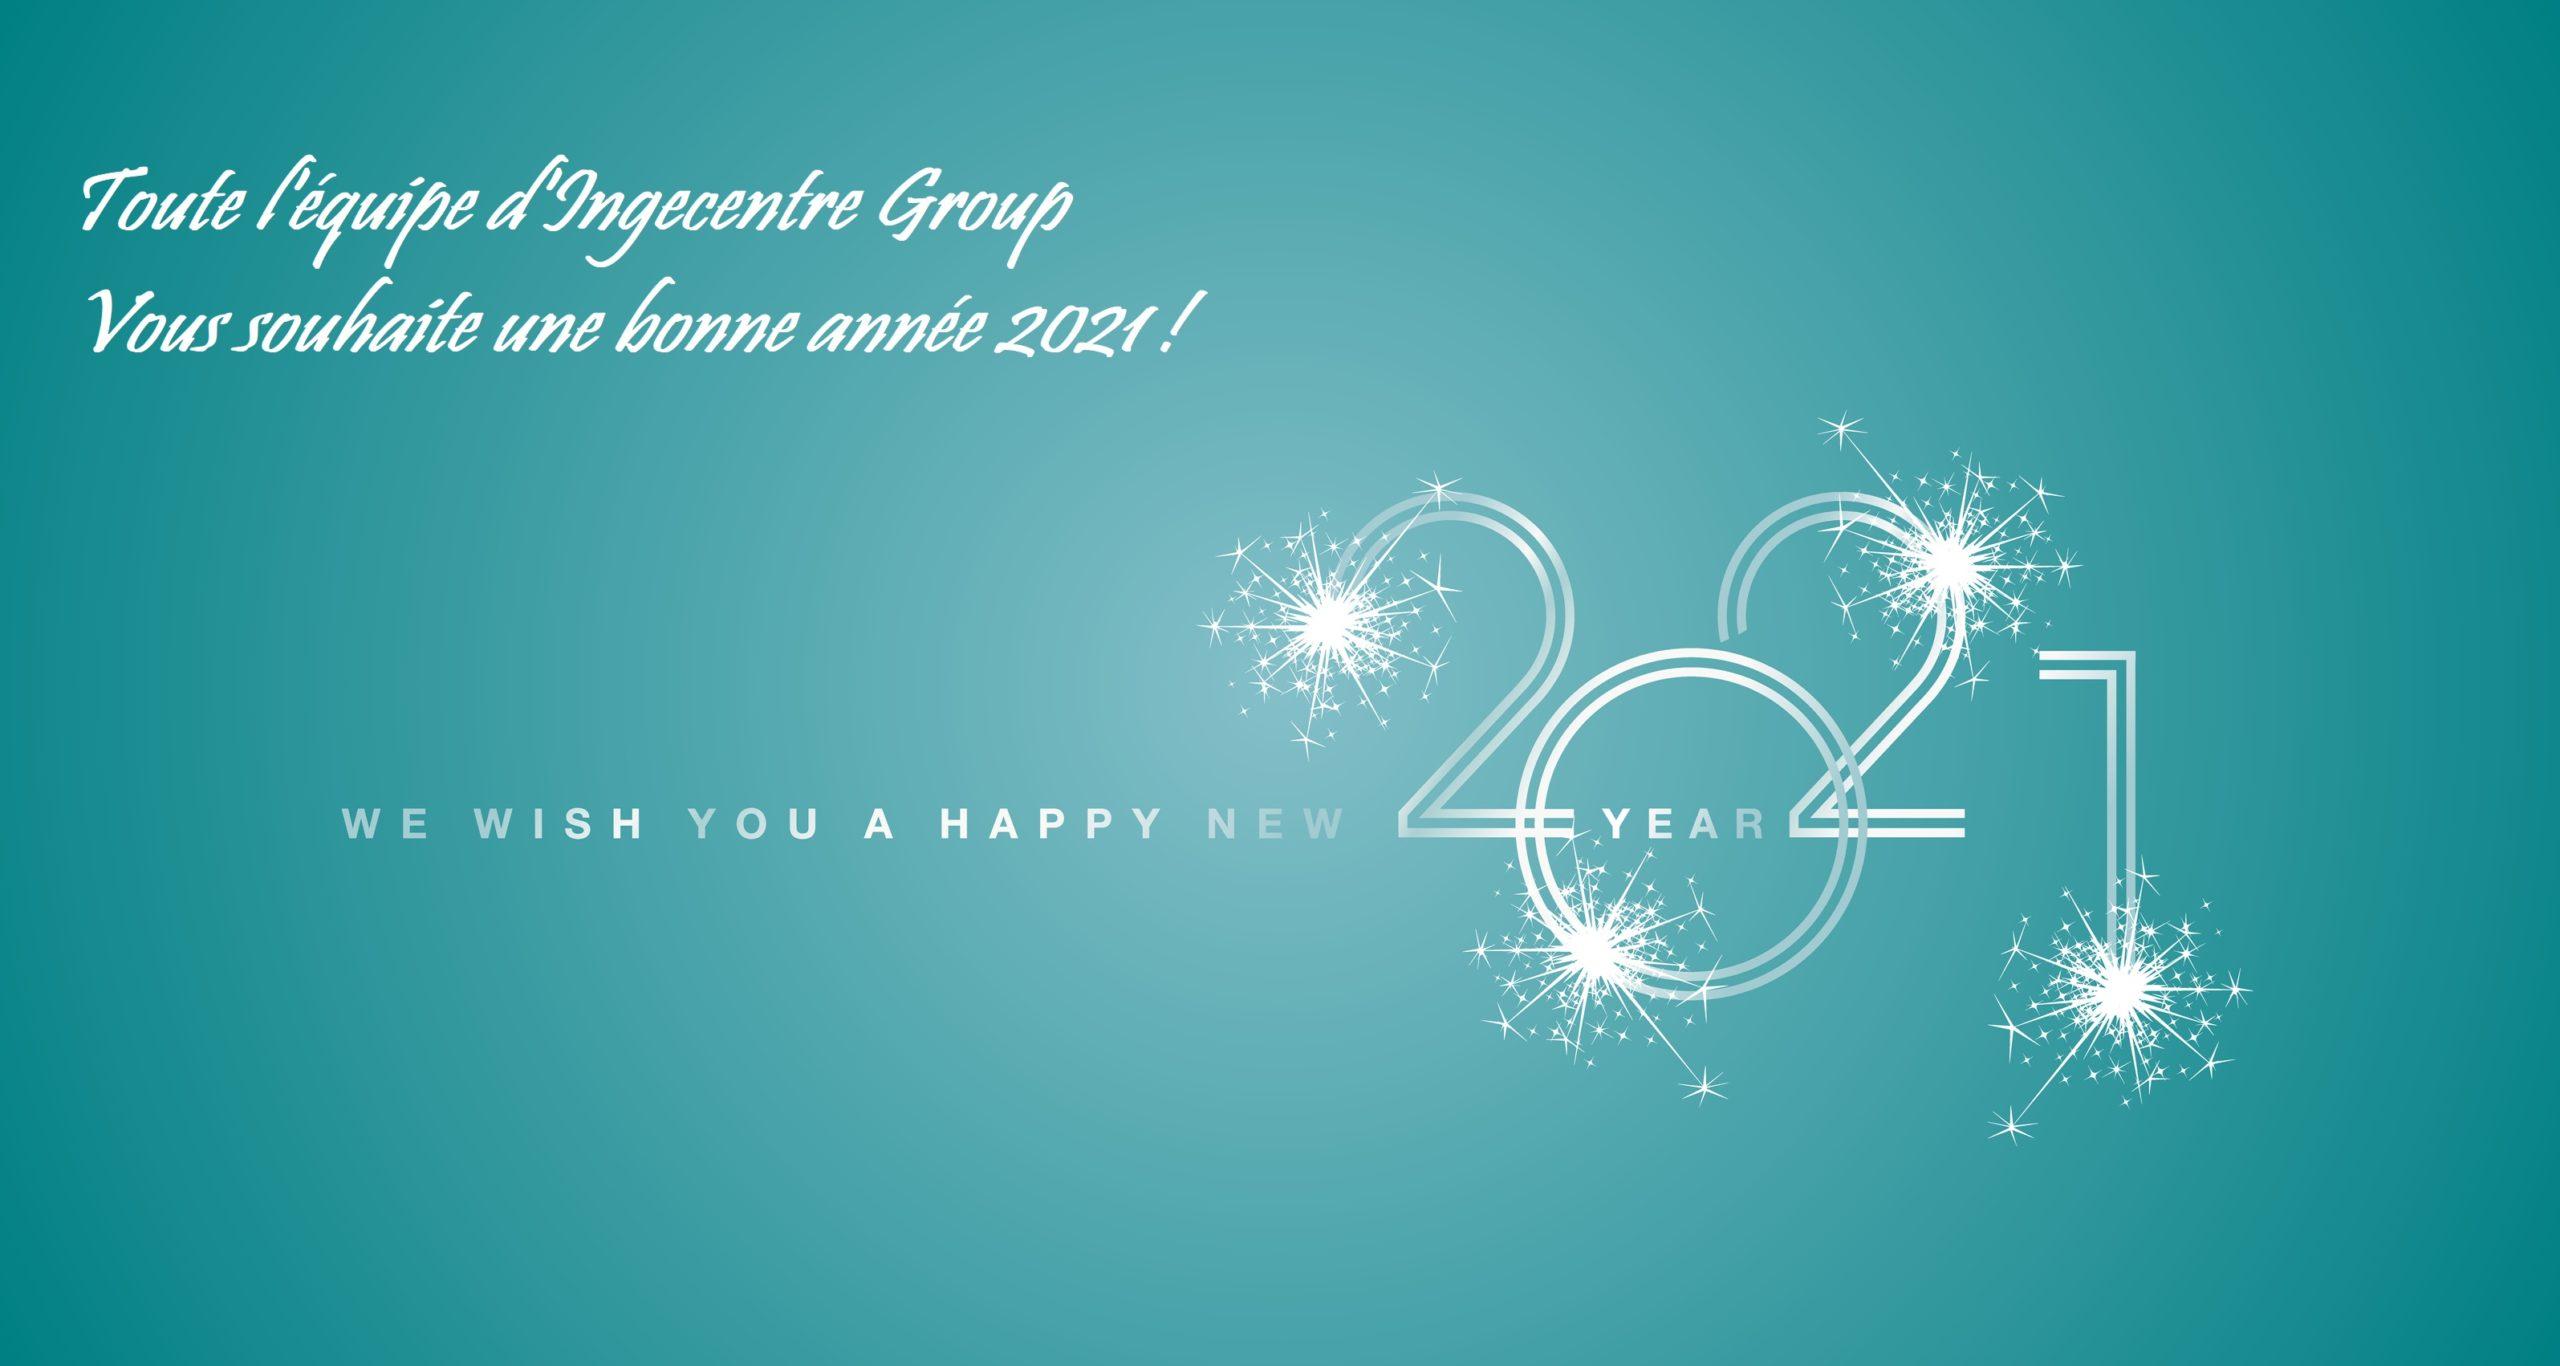 Toute l'équipe d'Ingecentre Group vous souhaite une bonne année 2021 !